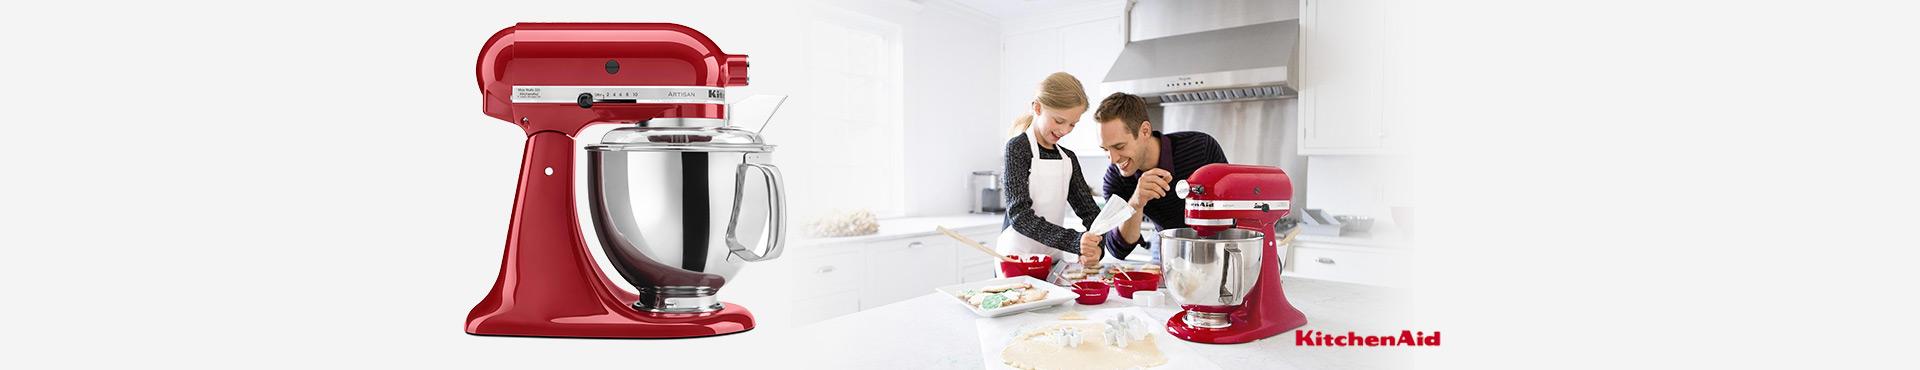 فهرست برندها › KitchenAid